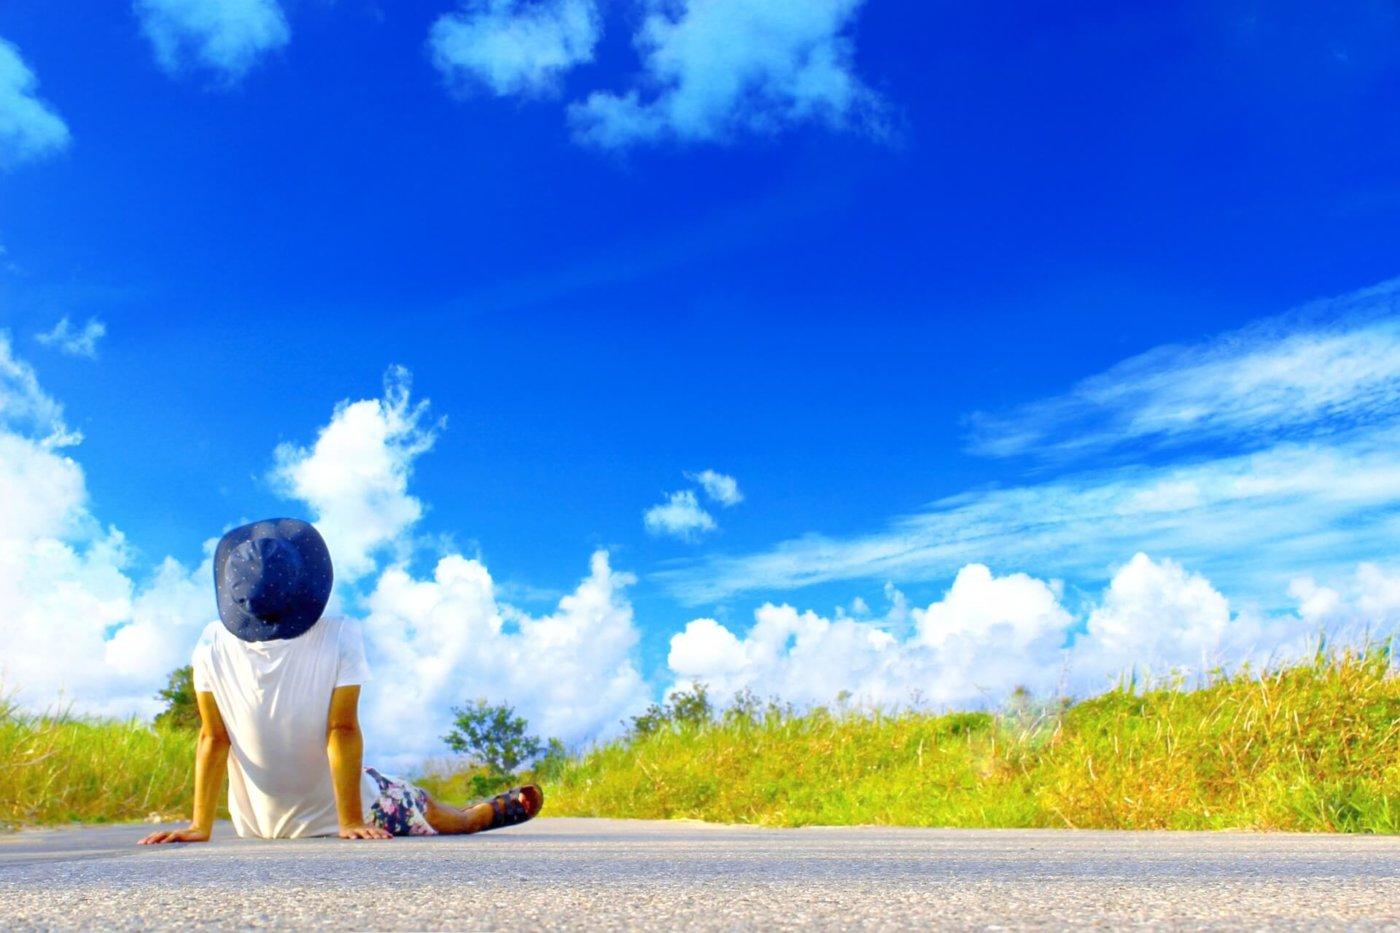 夏休みだ!旅行だ!旅先の人気ランキングをチェック!